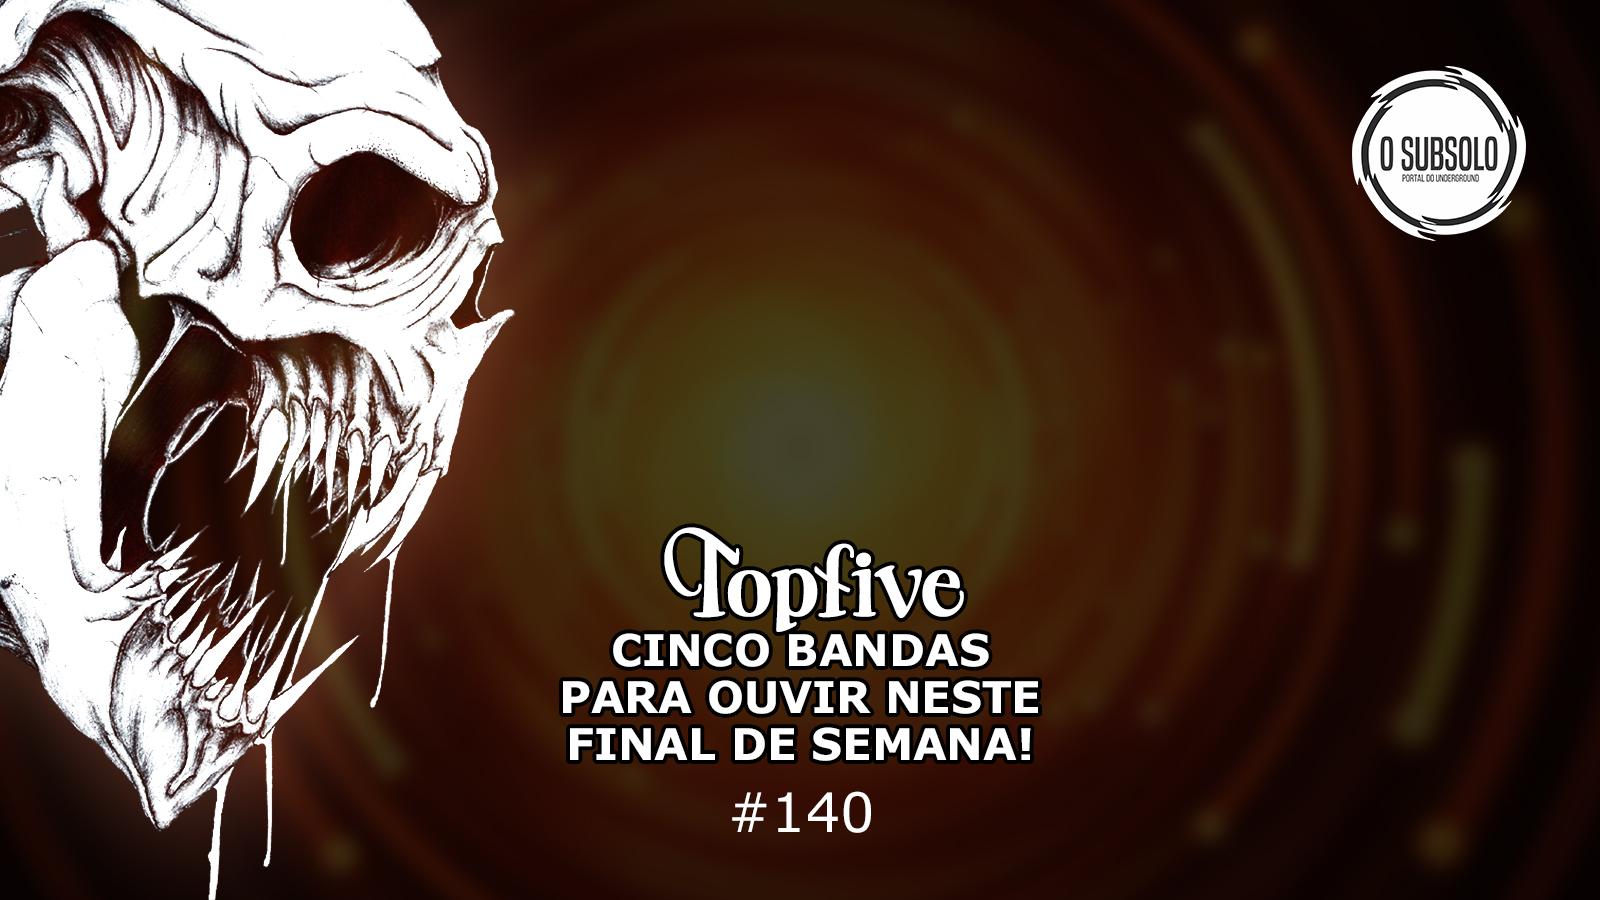 O SUBSOLO | TOPFIVE #140